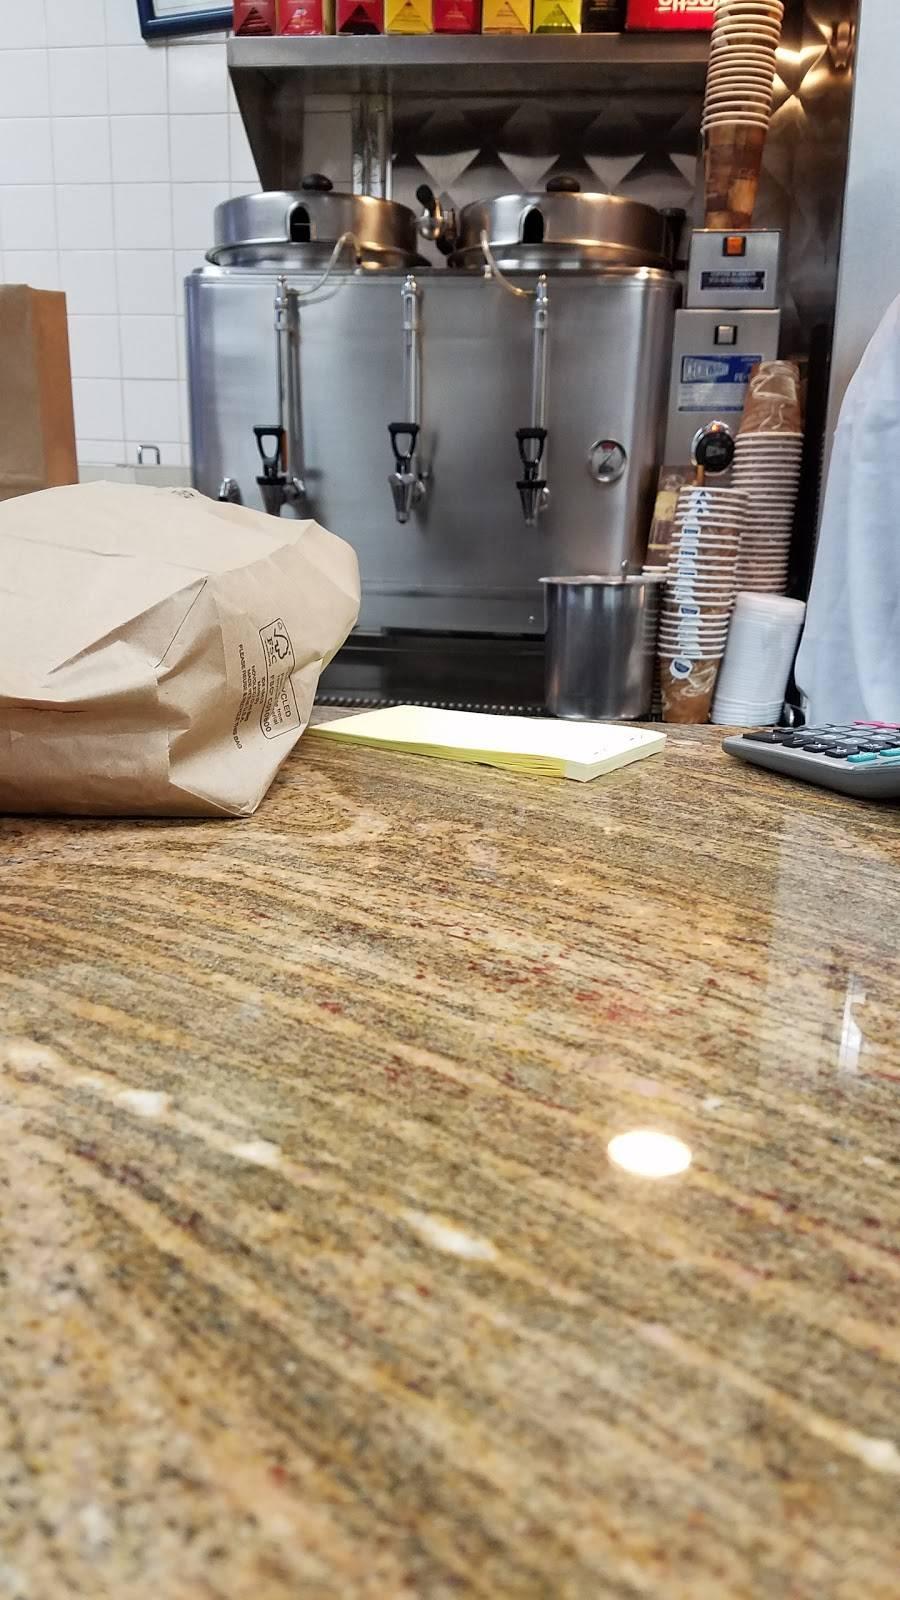 Jimbos Hamburger   meal takeaway   703 Lenox Ave, New York, NY 10039, USA   2122835050 OR +1 212-283-5050